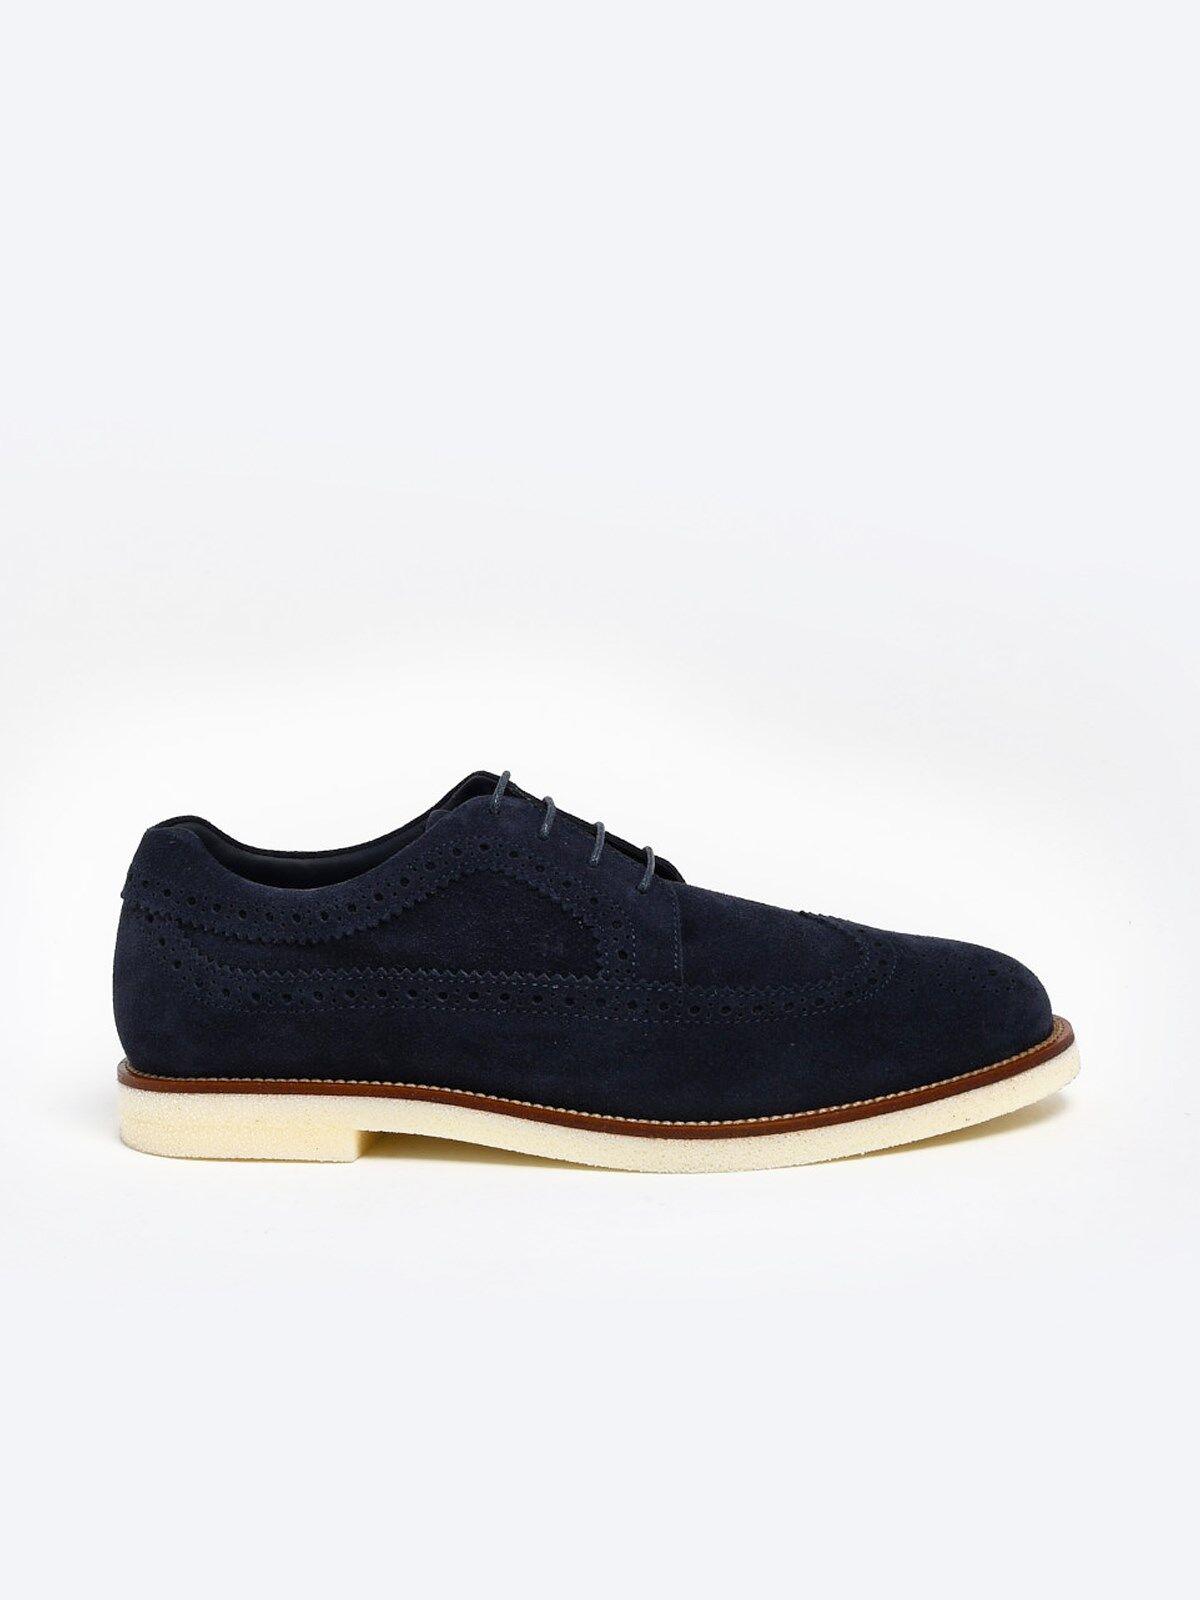 HOGAN Blue Shoes (size: UK 6)